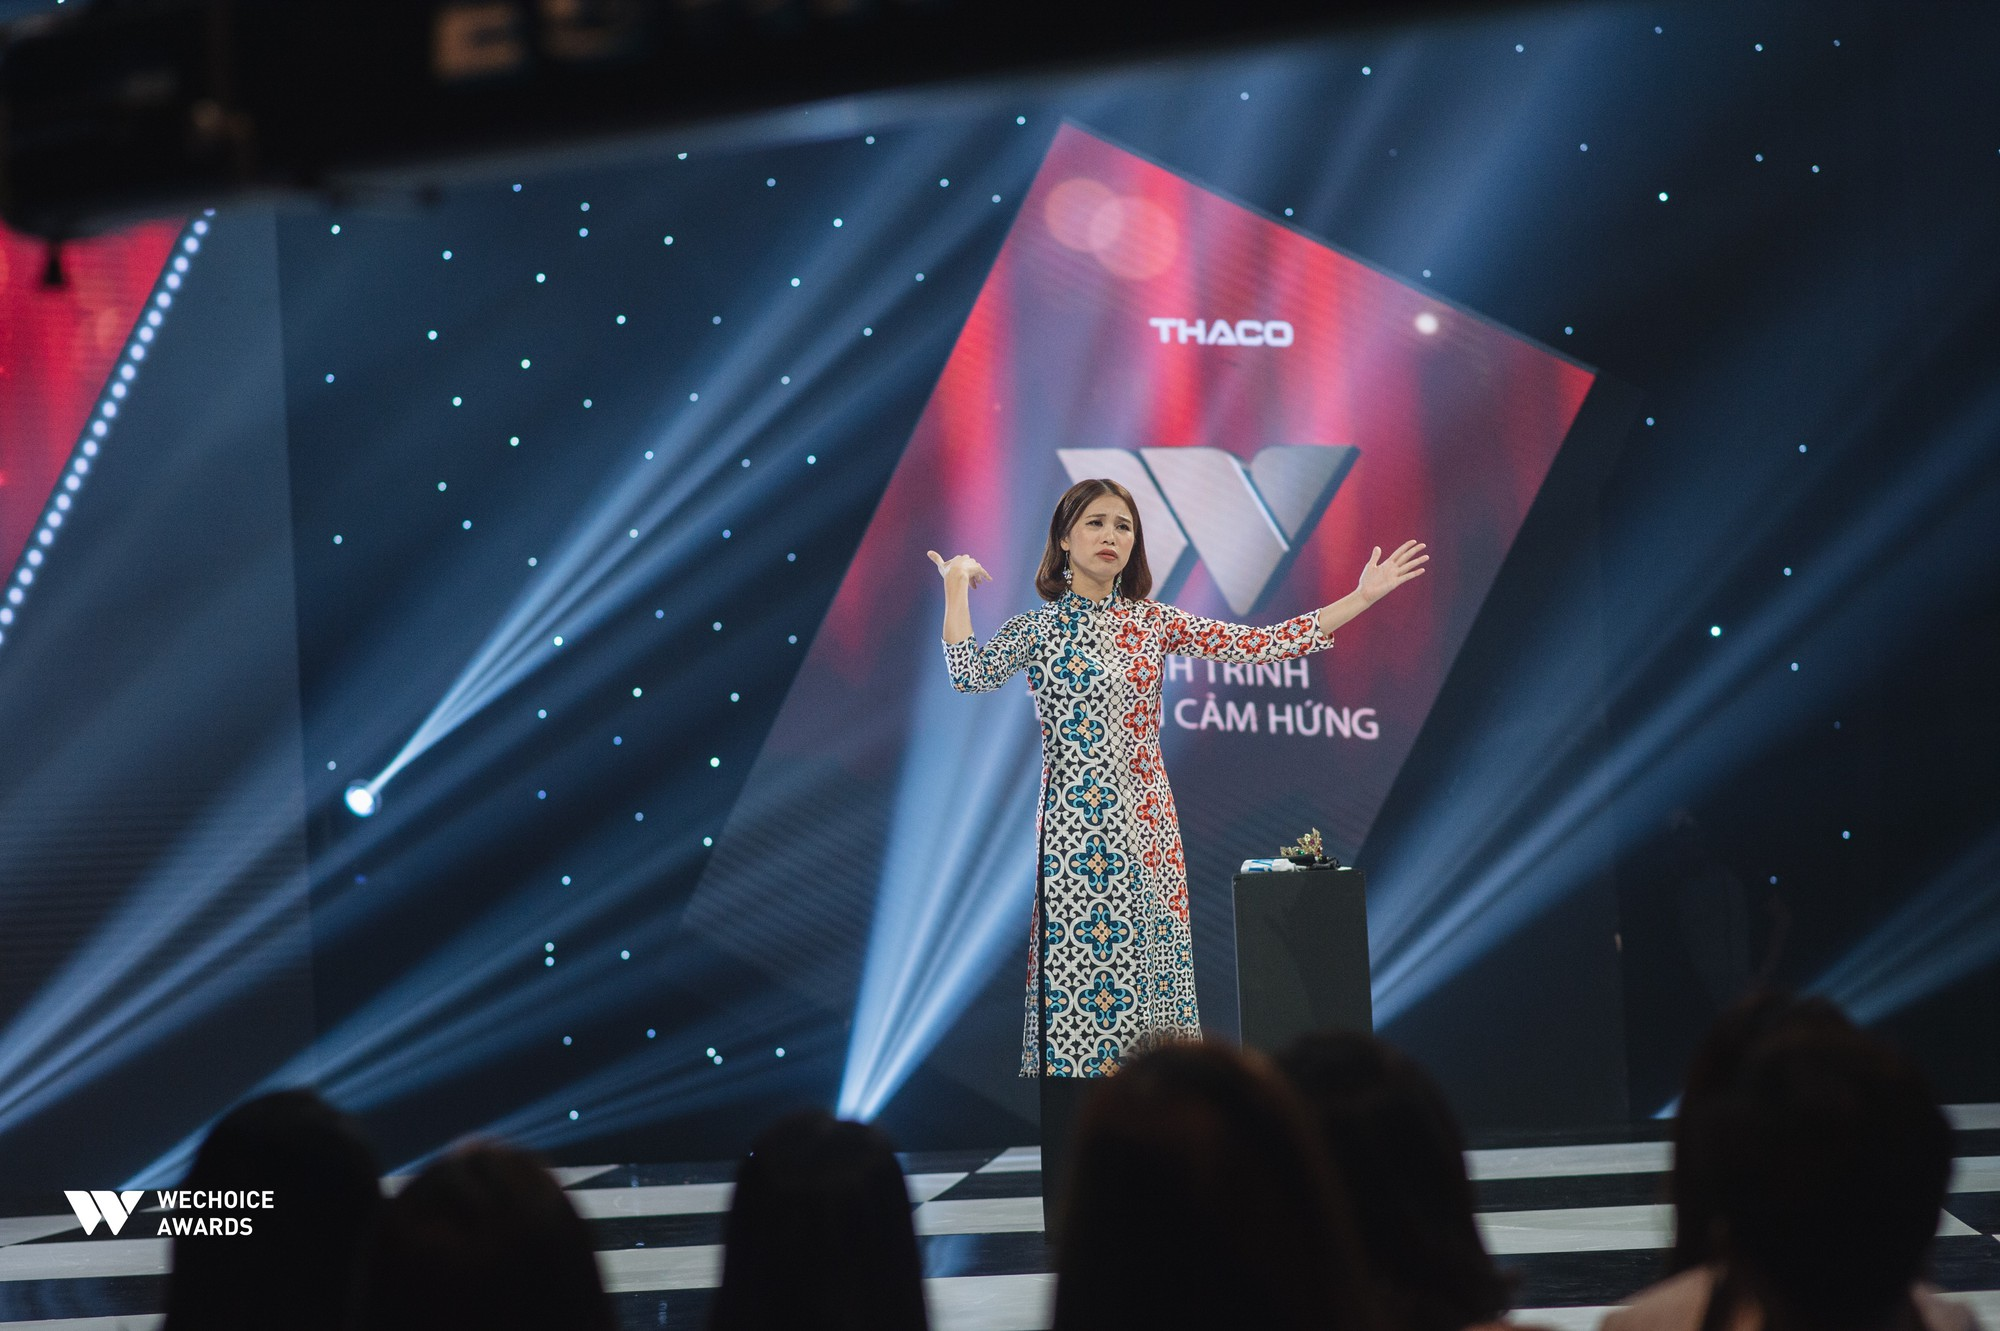 Hành trình truyền cảm hứng WeChoice Awards tháng 8: Phải đi thật nhiều, mơ thật lớn để tuổi trẻ không còn hối tiếc - Ảnh 5.